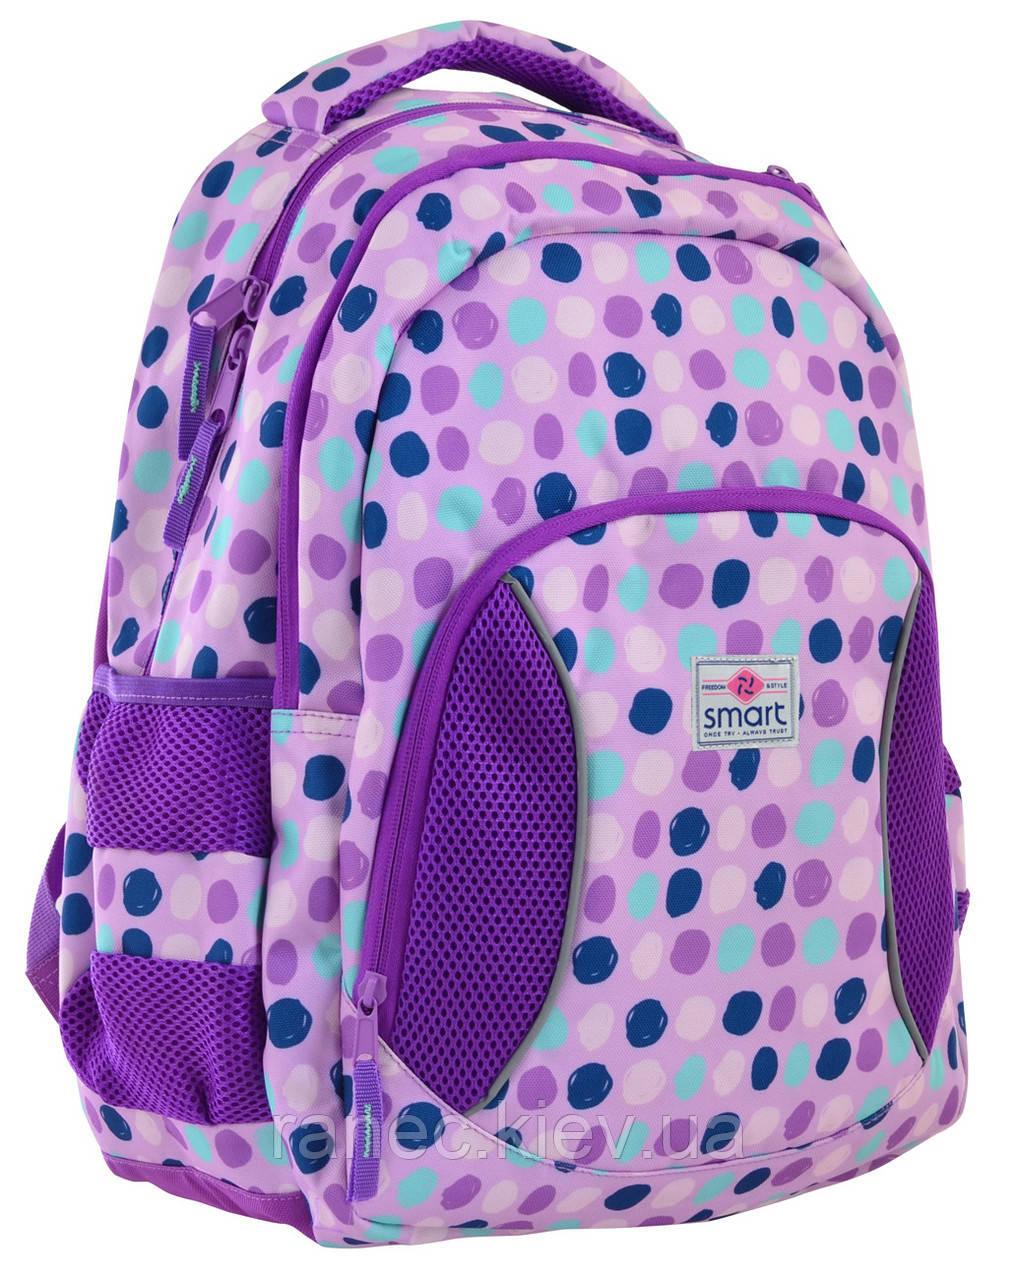 Рюкзак школьный SG-25 Violet spots 557079 Smart